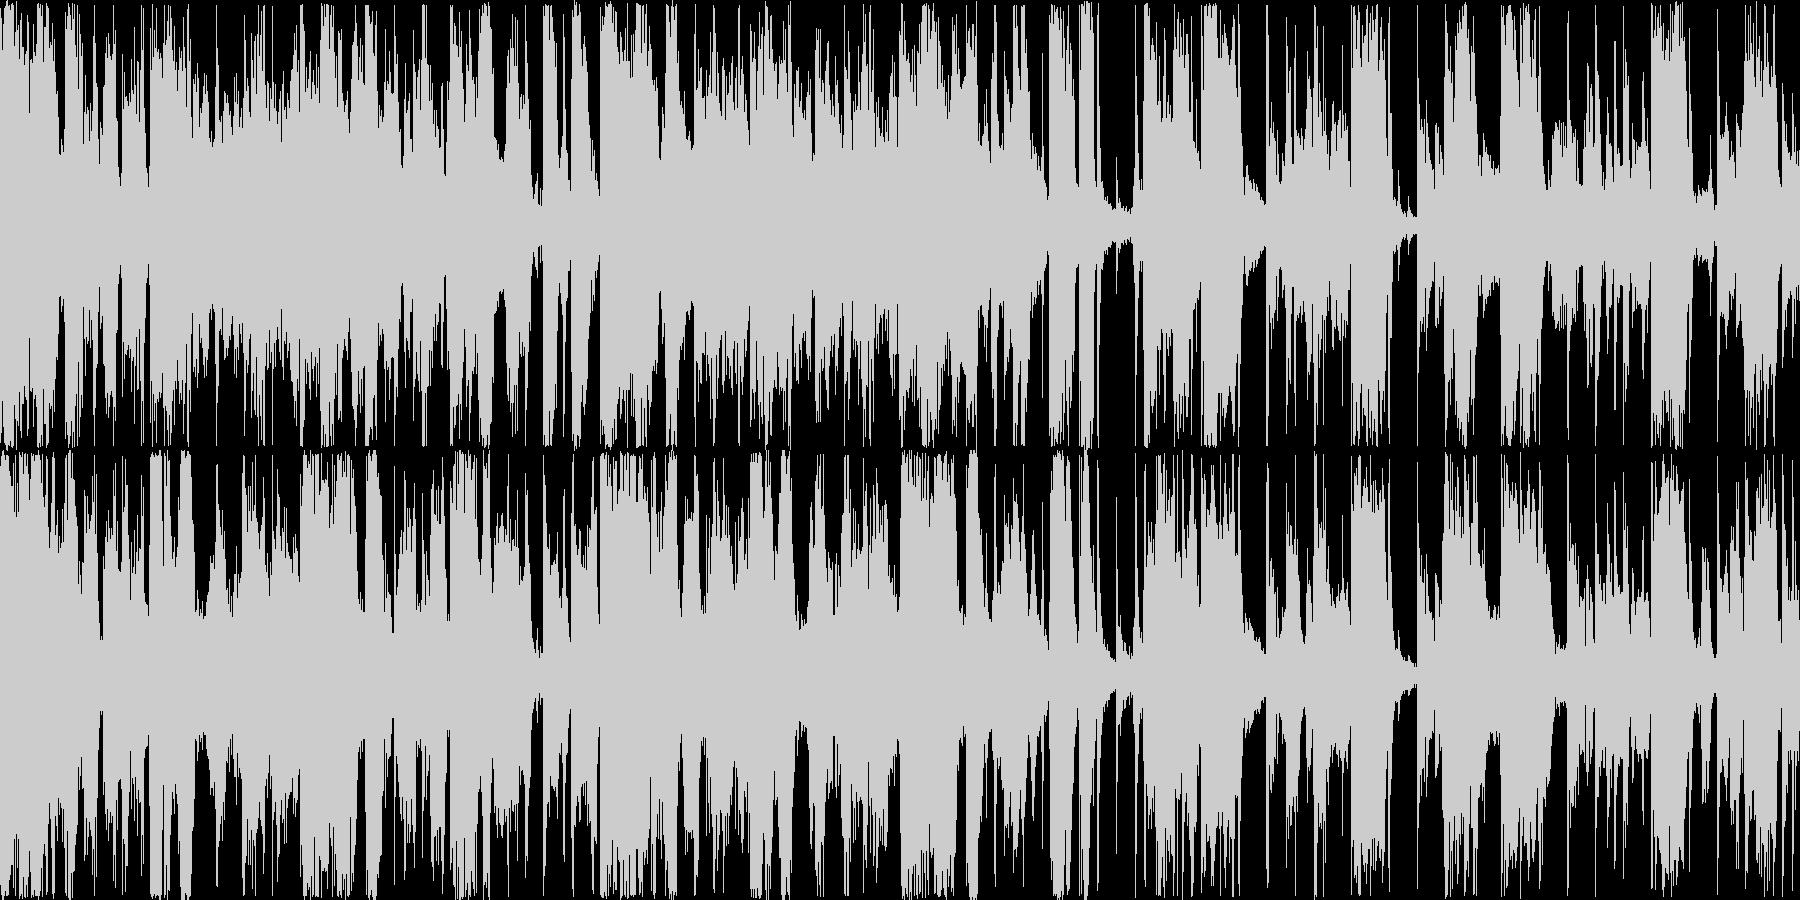 クールでゆったりとしたファンクトラックの未再生の波形